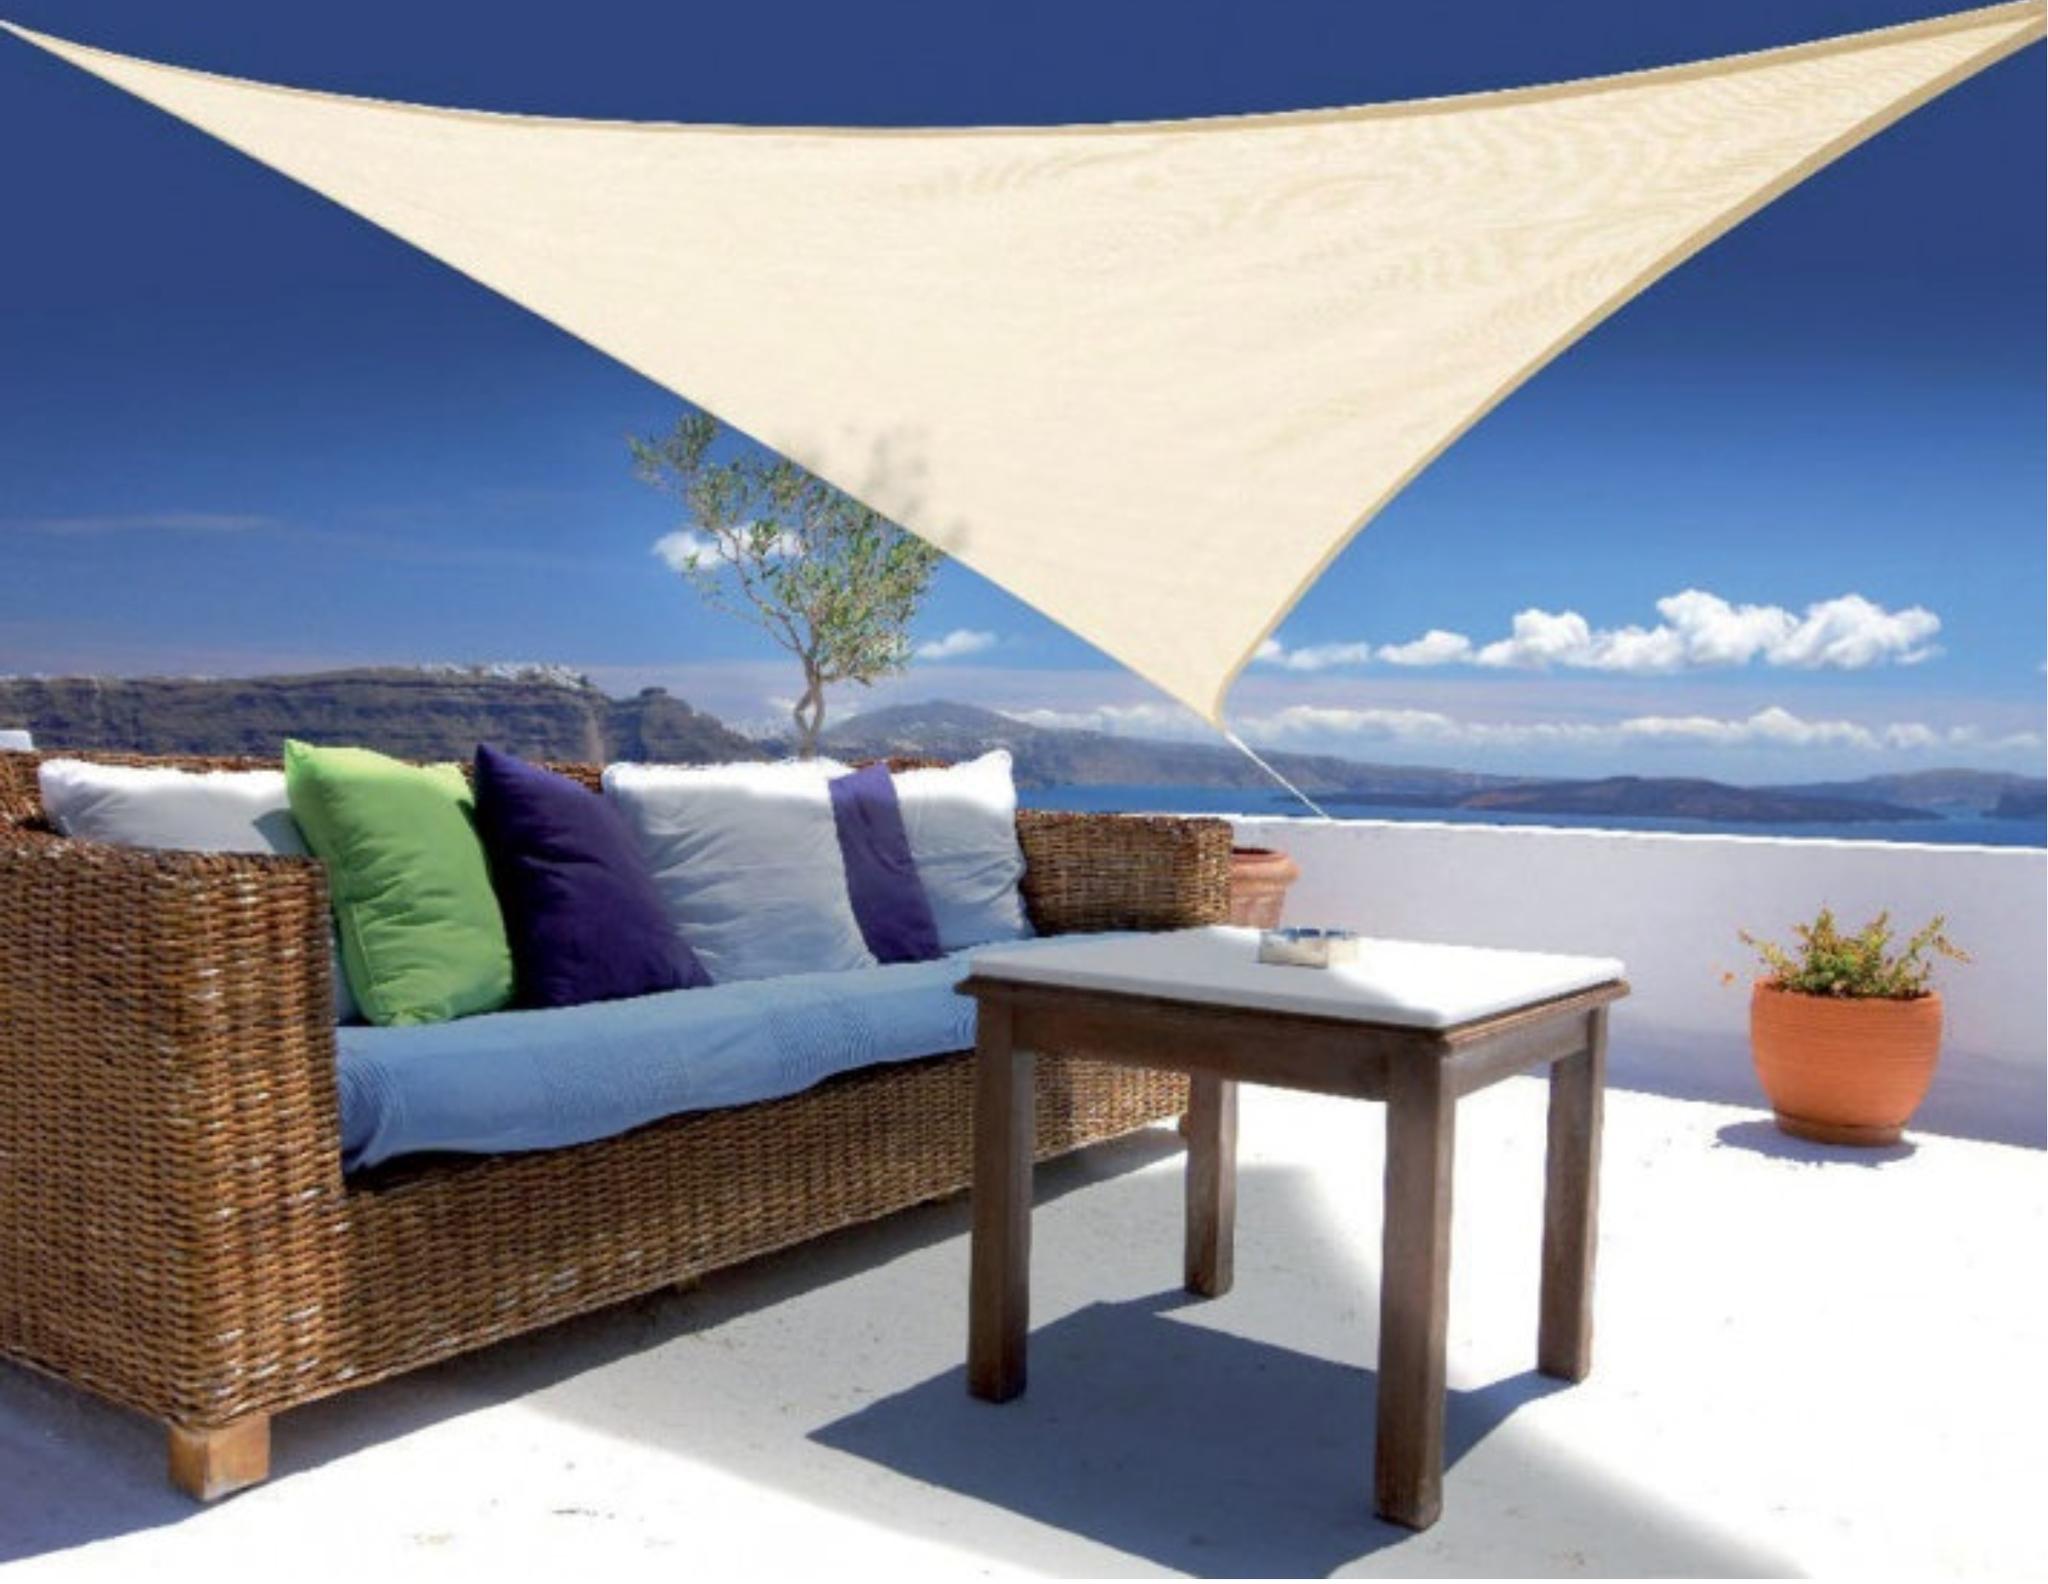 sonnensegel gnstig segel in xxxcm natur zur wandmontage. Black Bedroom Furniture Sets. Home Design Ideas